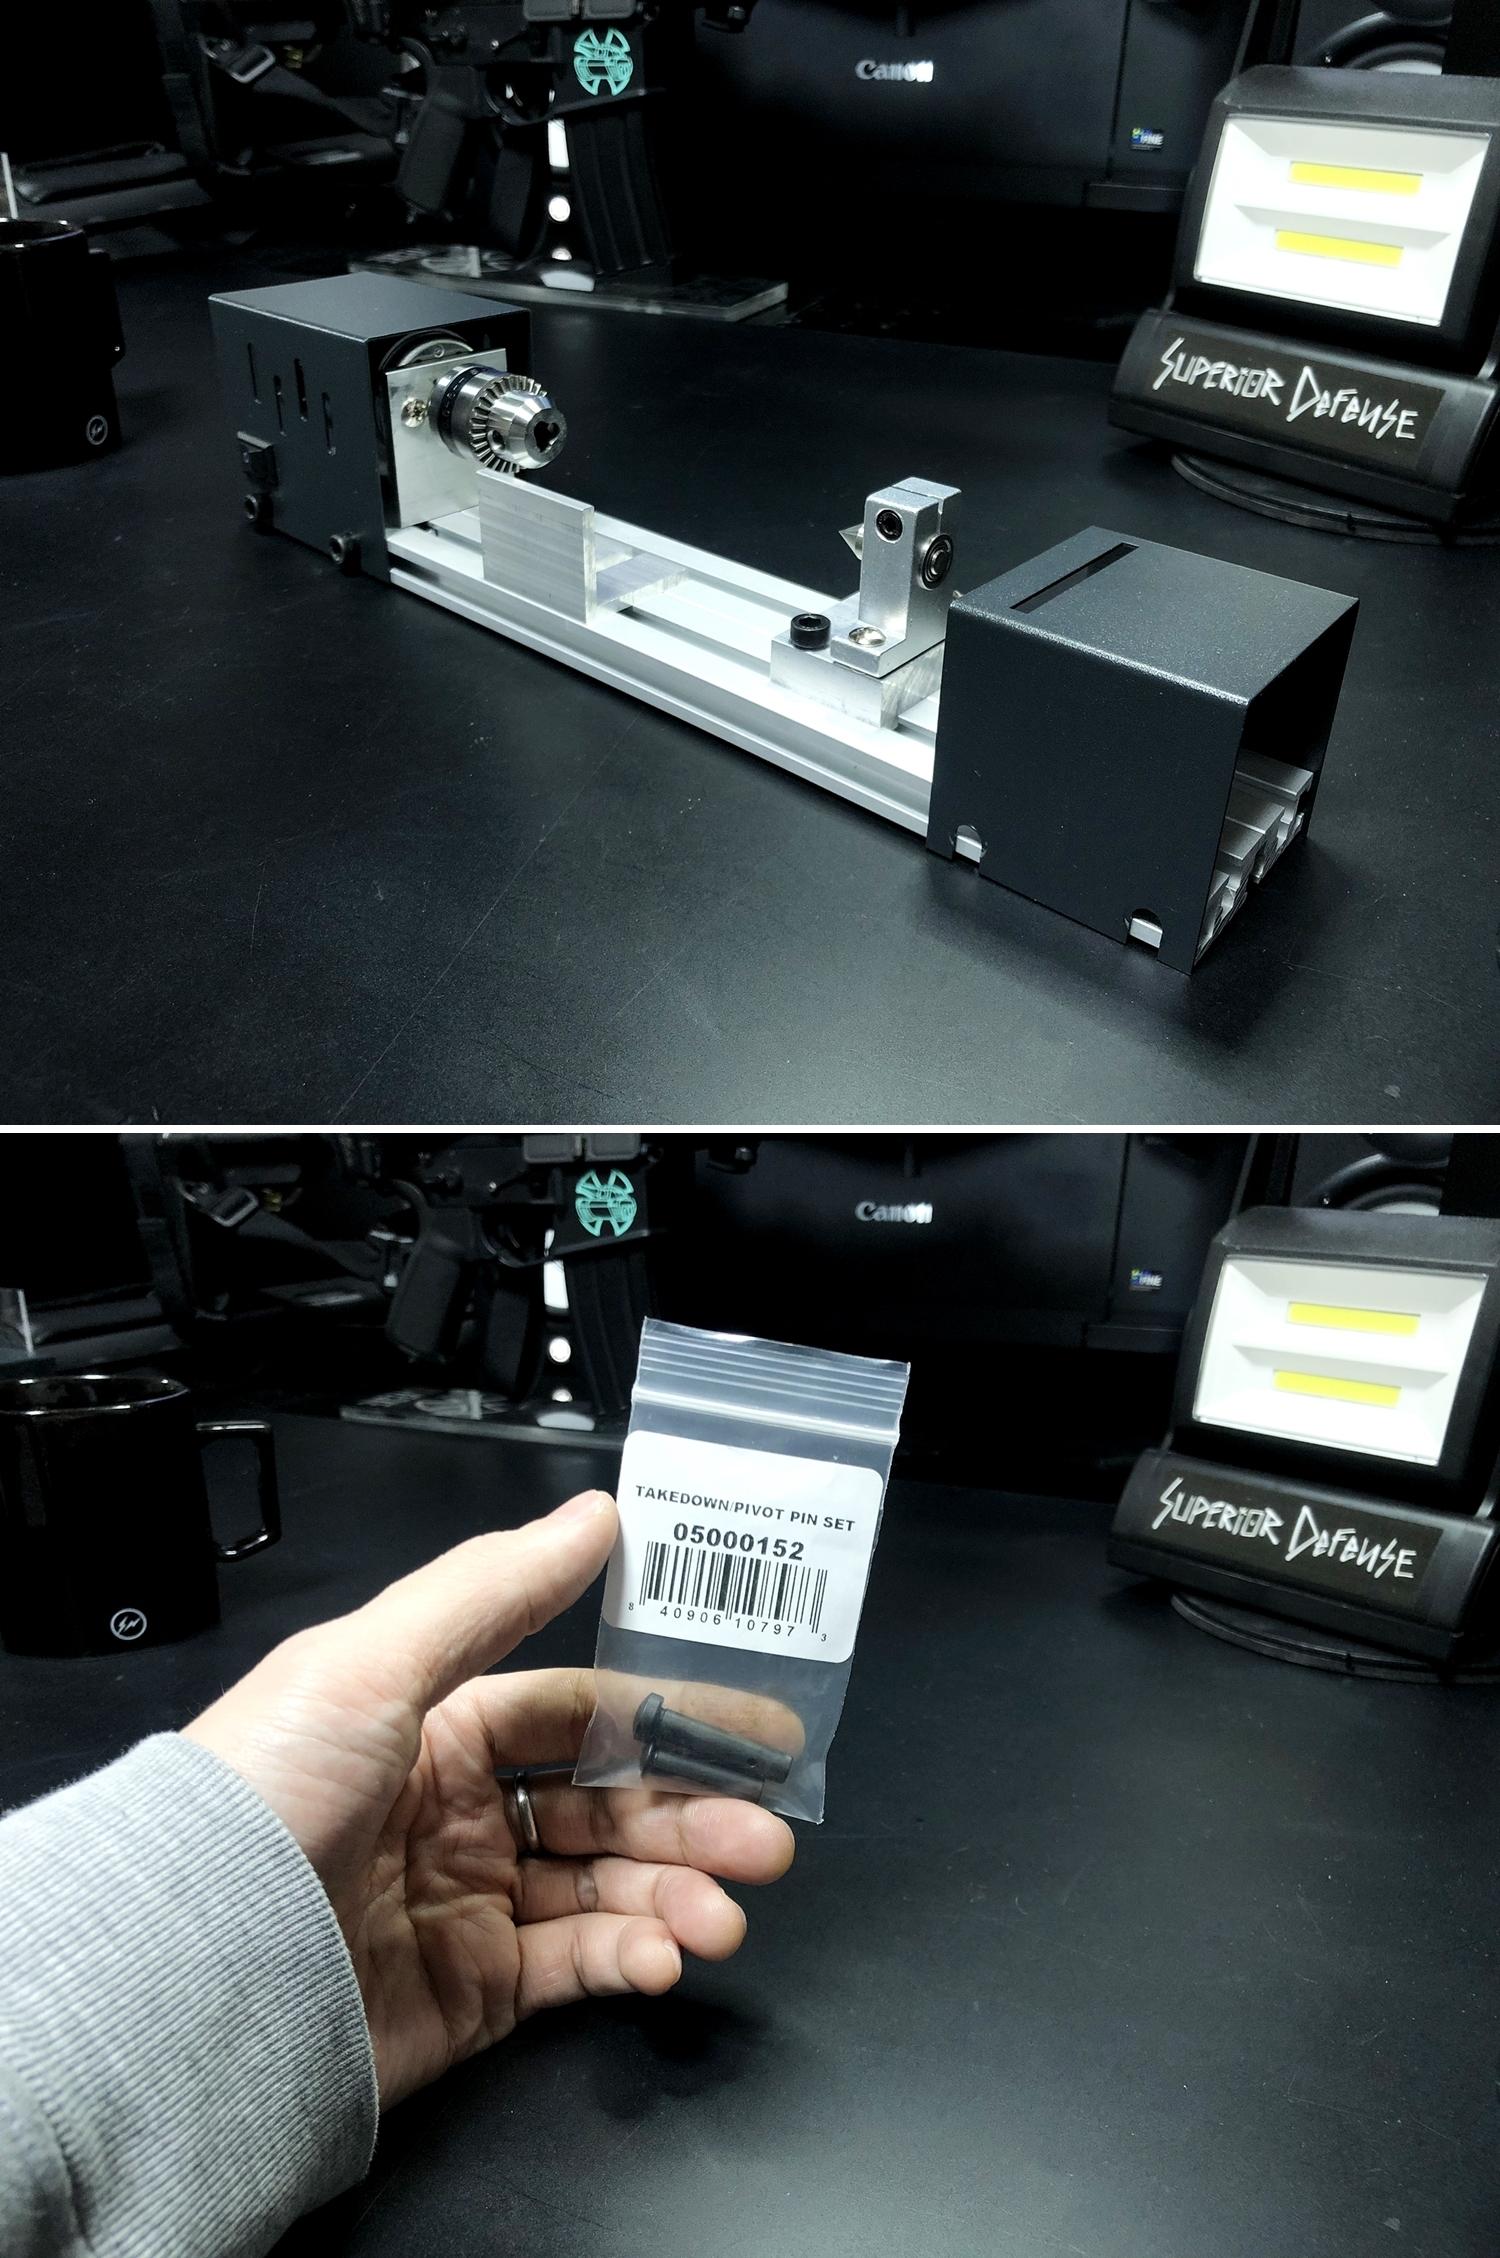 5 実物 NOVESKE AR-15 TAKEDOWN & PIVOT STEEL PIN!! 実物ピンを次世代M4へ対応させるべく簡易的DIY加工だ!ノベスケ ノベスキー スチール テイクダウン ピポッドピン! DIY 加工 カスタム 簡易的 旋盤加工 取付 レビ